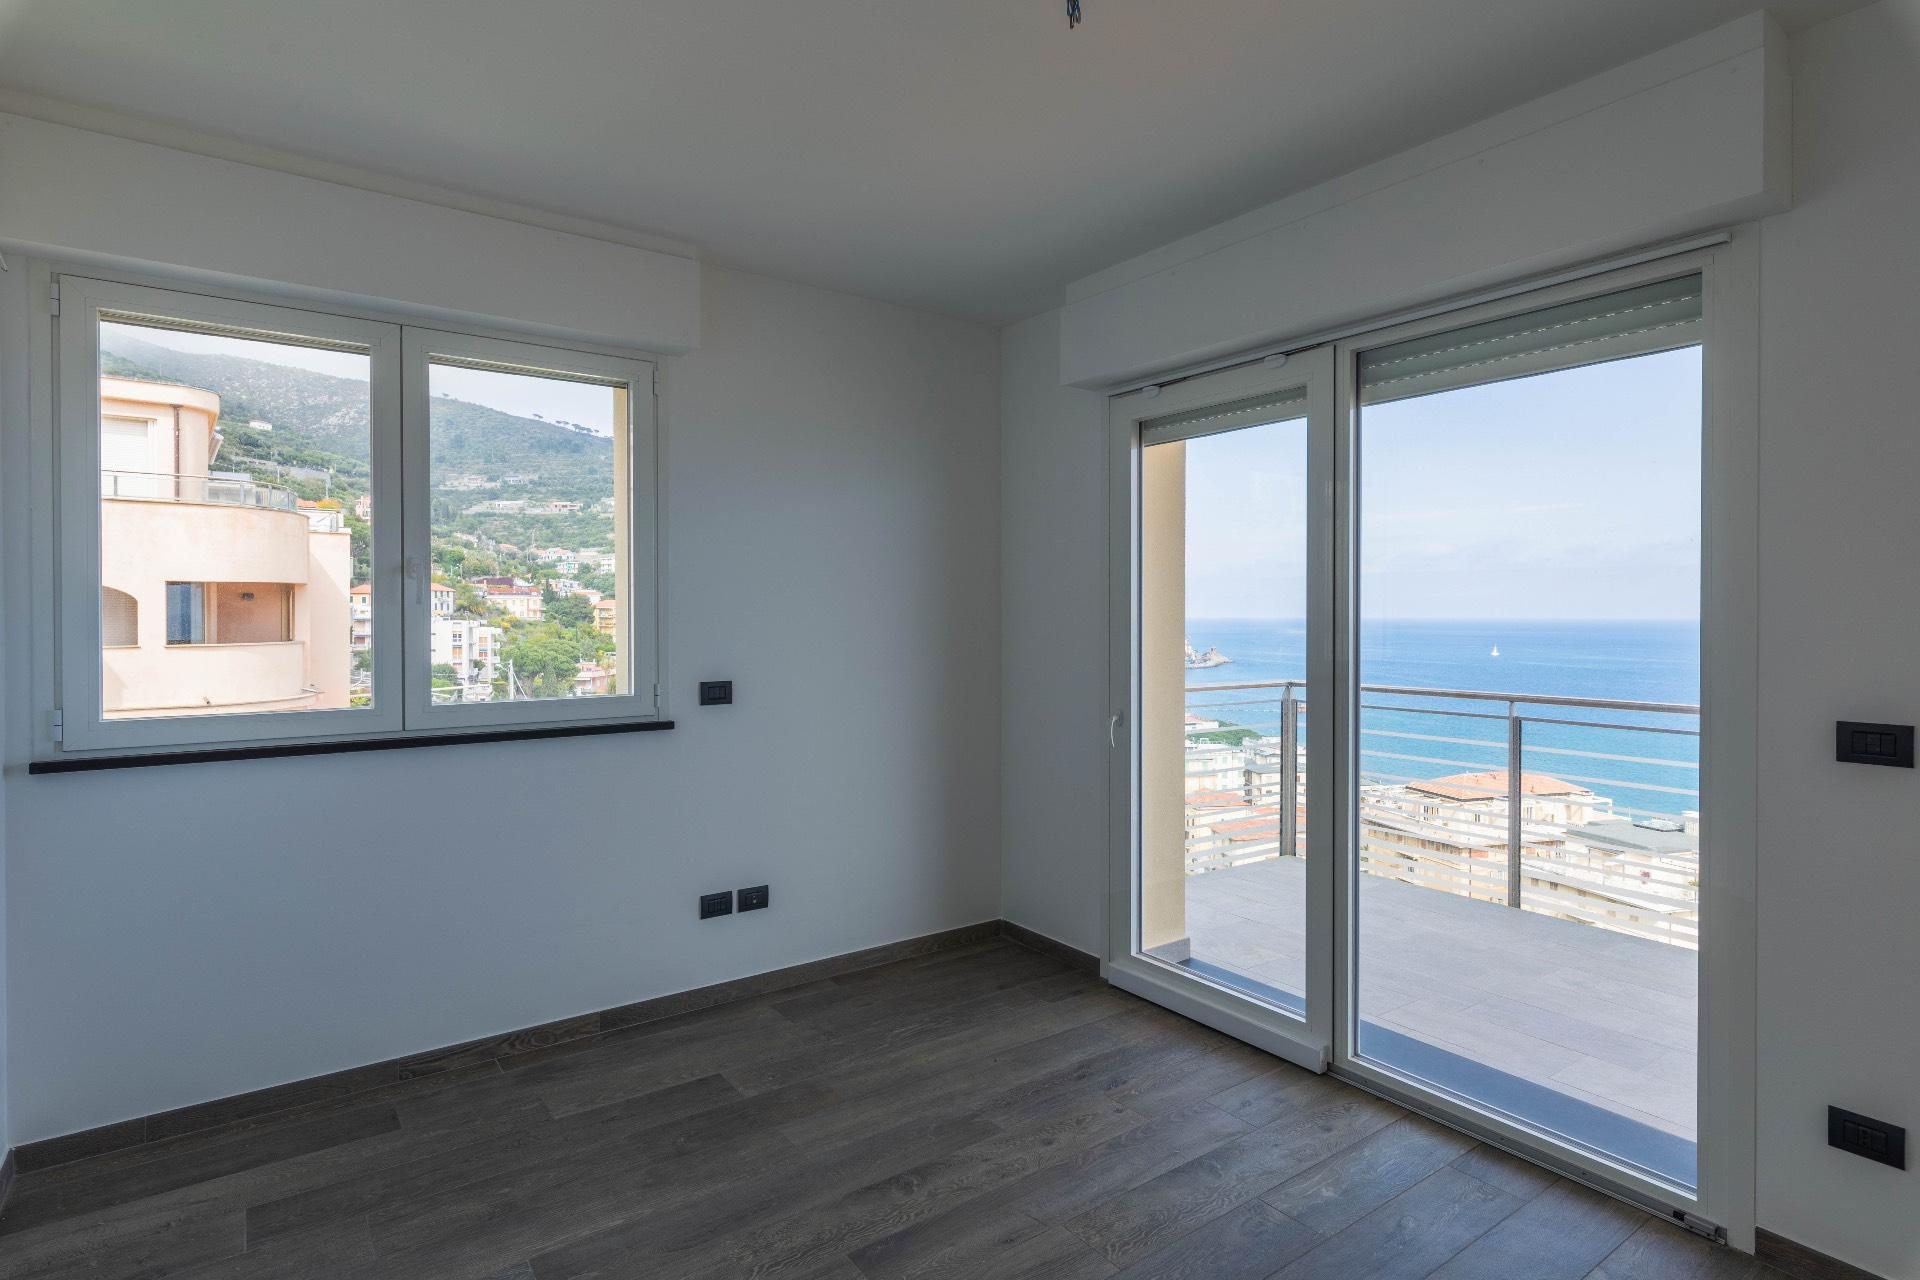 Appartamento in vendita a Alassio, 3 locali, zona a, prezzo € 615.000 | PortaleAgenzieImmobiliari.it